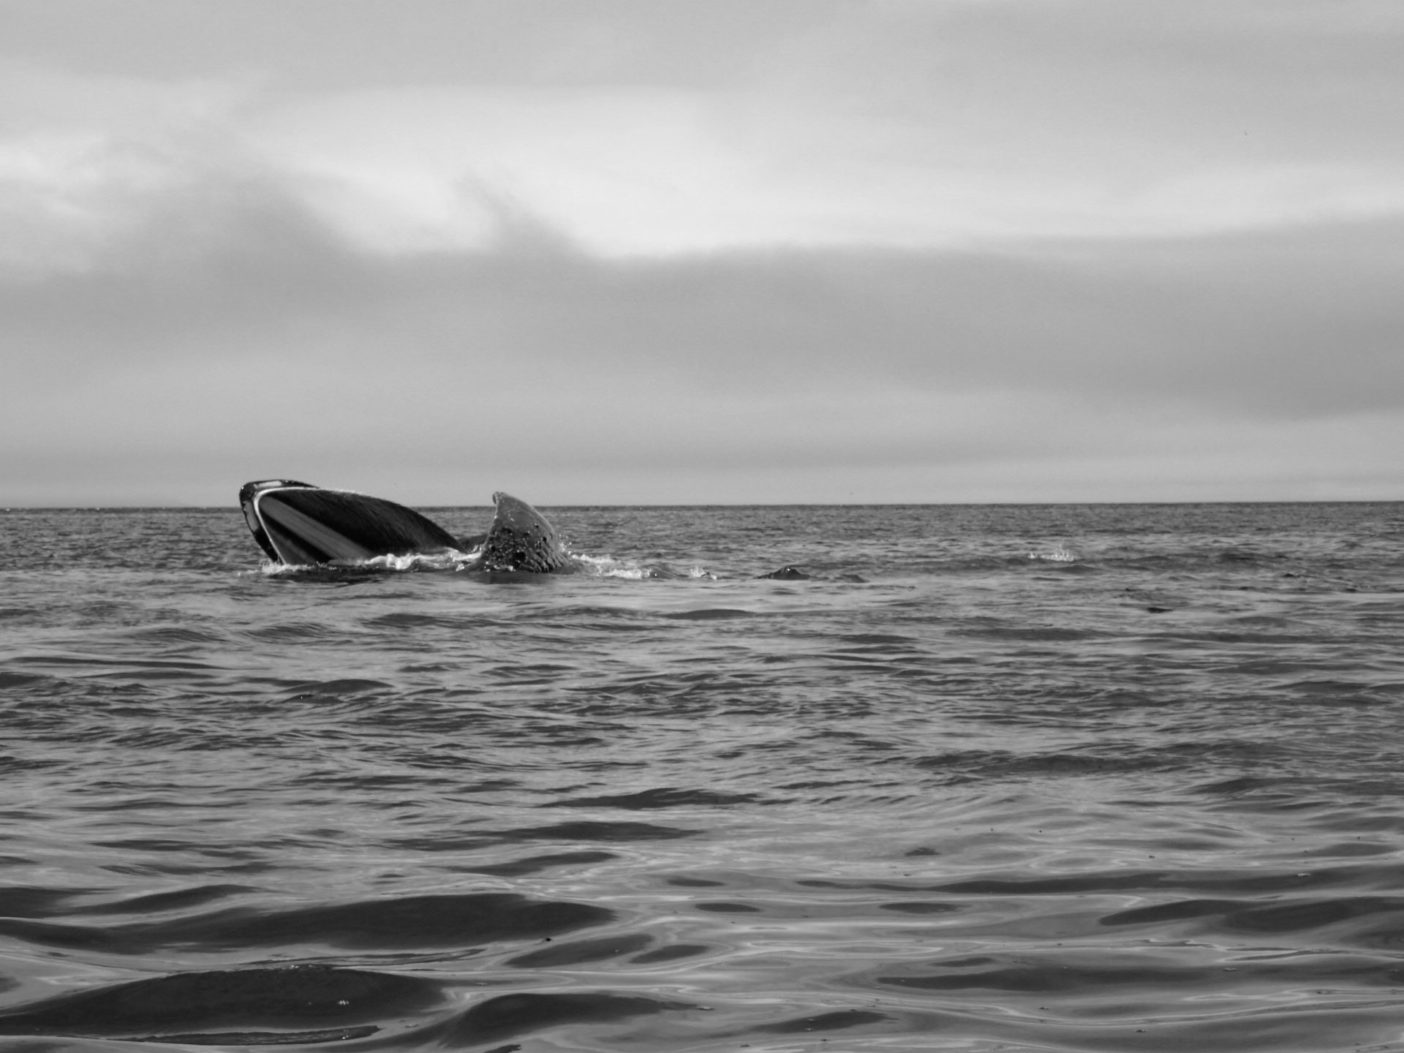 大口を開け捕食するザトウクジラ。ウムナック・パス付近にて。写真:新谷暁生